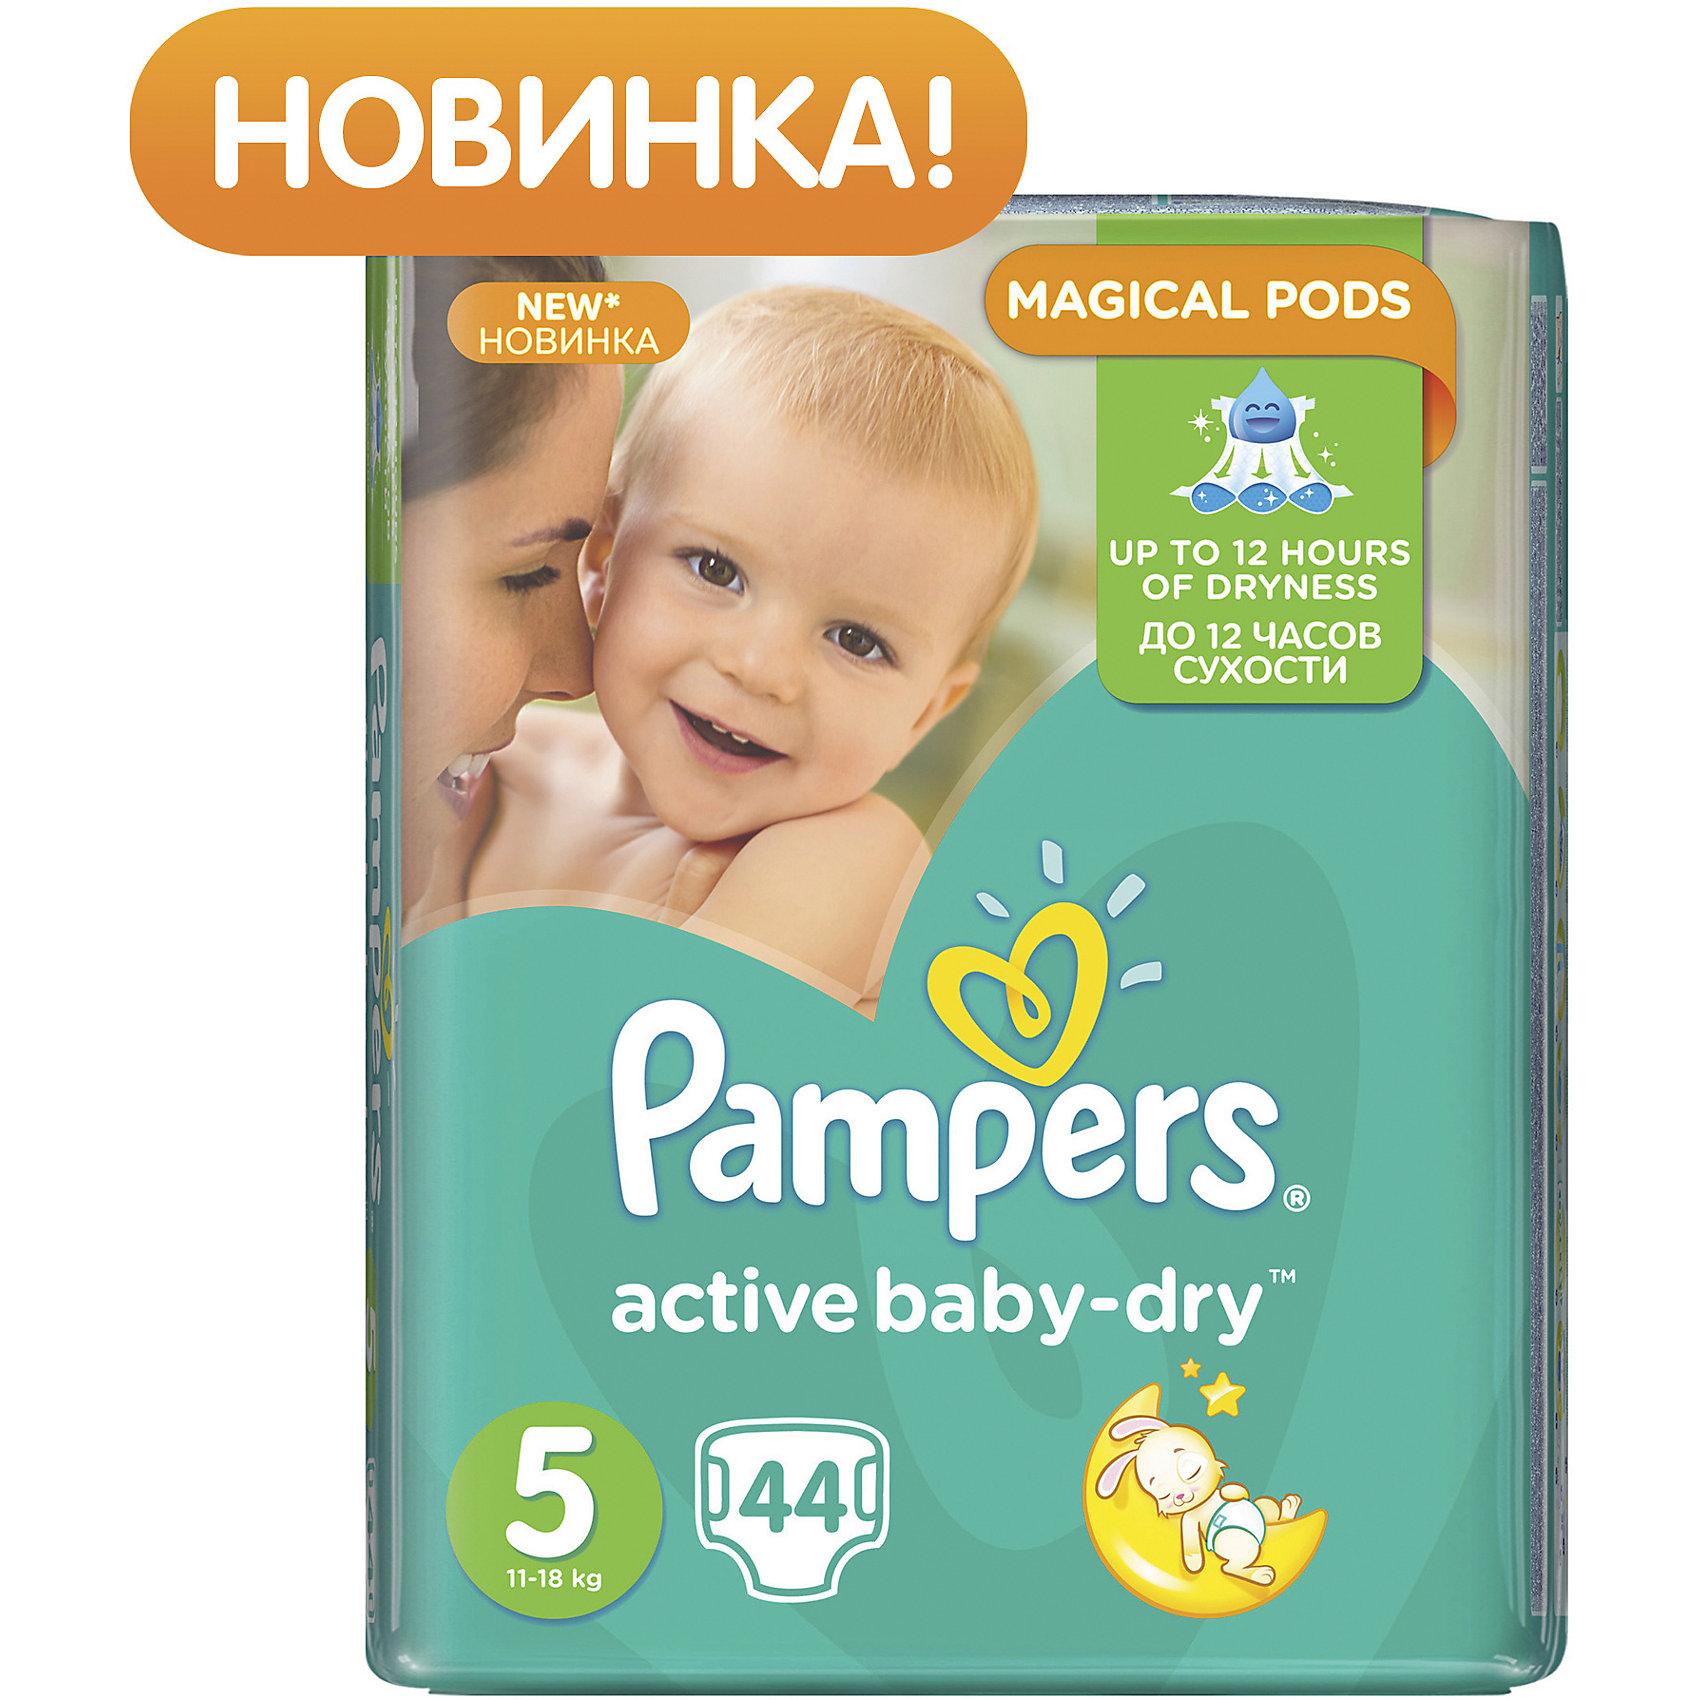 Подгузники Pampers Active Baby-Dry, 11-18 кг, 5 размер, 44 шт., PampersПодгузники классические<br>Характеристики:<br><br>• Пол: универсальный<br>• Тип подгузника: одноразовый<br>• Коллекция: Active Baby-Dry<br>• Предназначение: для использования в любое время суток <br>• Размер: 5<br>• Вес ребенка: от 11 до 18 кг<br>• Количество в упаковке: 44 шт.<br>• Упаковка: пакет<br>• Размер упаковки: 36,5*11,8*23,4 см<br>• Вес в упаковке: 1 кг 640 г<br>• Эластичные застежки-липучки<br>• Быстро впитывающий слой<br>• Мягкий верхний слой<br>• Сохранение сухости в течение 12-ти часов<br><br>Подгузники Pampers Active Baby-Dry, 11-18 кг, 5 размер, 44 шт., Pampers – это линейка классических детских подгузников от Pampers, которая сочетает в себе качество и безопасность материалов, удобство использования и комфорт для нежной кожи малыша. Подгузники предназначены для детей весом до 18 кг. Инновационные технологии и современные материалы обеспечивают этим подгузникам Дышащие свойства, что особенно важно для кожи малыша. <br><br>Впитывающие свойства изделию обеспечивает уникальный слой, состоящий из жемчужных микрогранул. У подгузников предусмотрена эластичная мягкая резиночка на спинке. Широкие липучки с двух сторон обеспечивают надежную фиксацию. Подгузник имеет мягкий верхний слой, который обеспечивает не только комфорт, но и защищает кожу ребенка от раздражений. Подгузник подходит как для мальчиков, так и для девочек. <br><br>Подгузники Pampers Active Baby-Dry, 11-18 кг, 5 размер, 44 шт., Pampers можно купить в нашем интернет-магазине.<br><br>Ширина мм: 365<br>Глубина мм: 118<br>Высота мм: 234<br>Вес г: 164<br>Возраст от месяцев: 12<br>Возраст до месяцев: 36<br>Пол: Унисекс<br>Возраст: Детский<br>SKU: 5419076